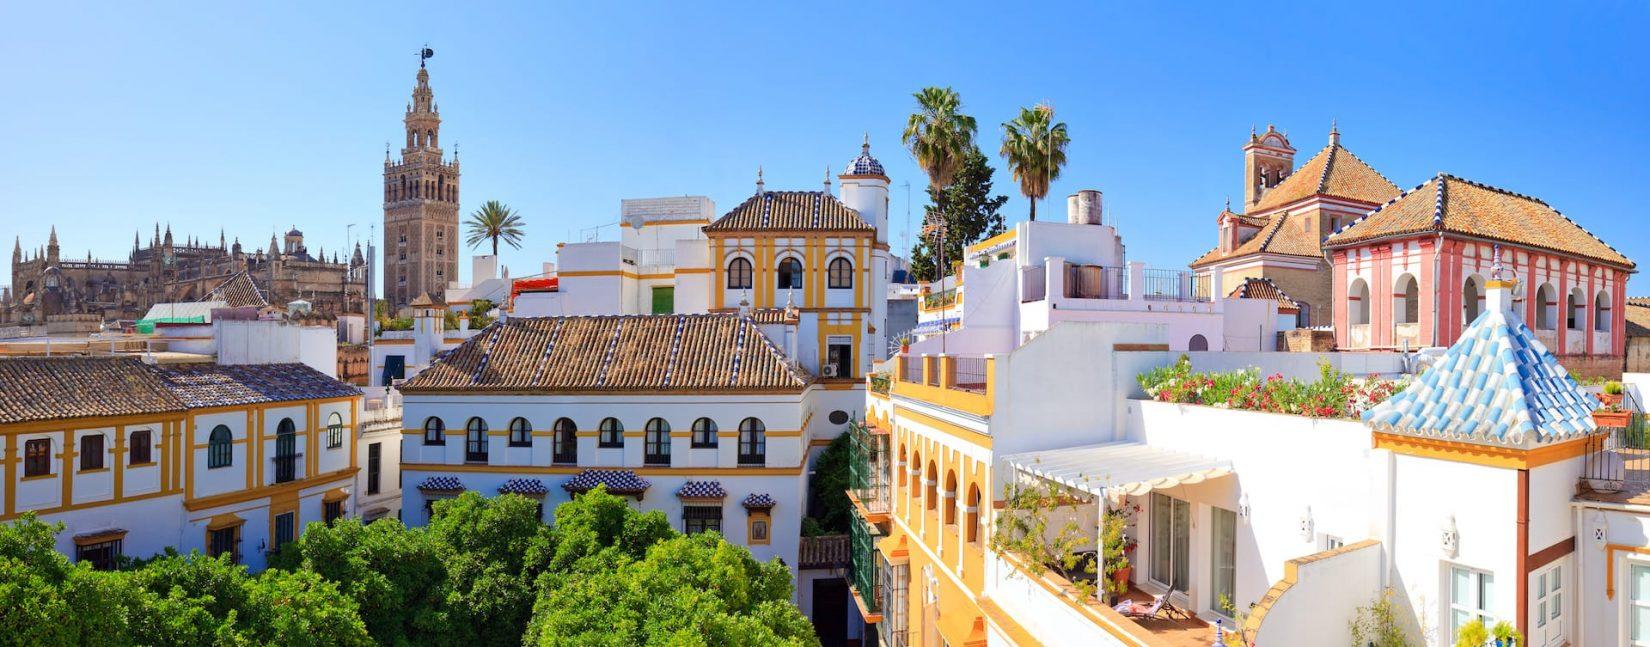 Vivir en el Centro de Sevilla: Santa Cruz